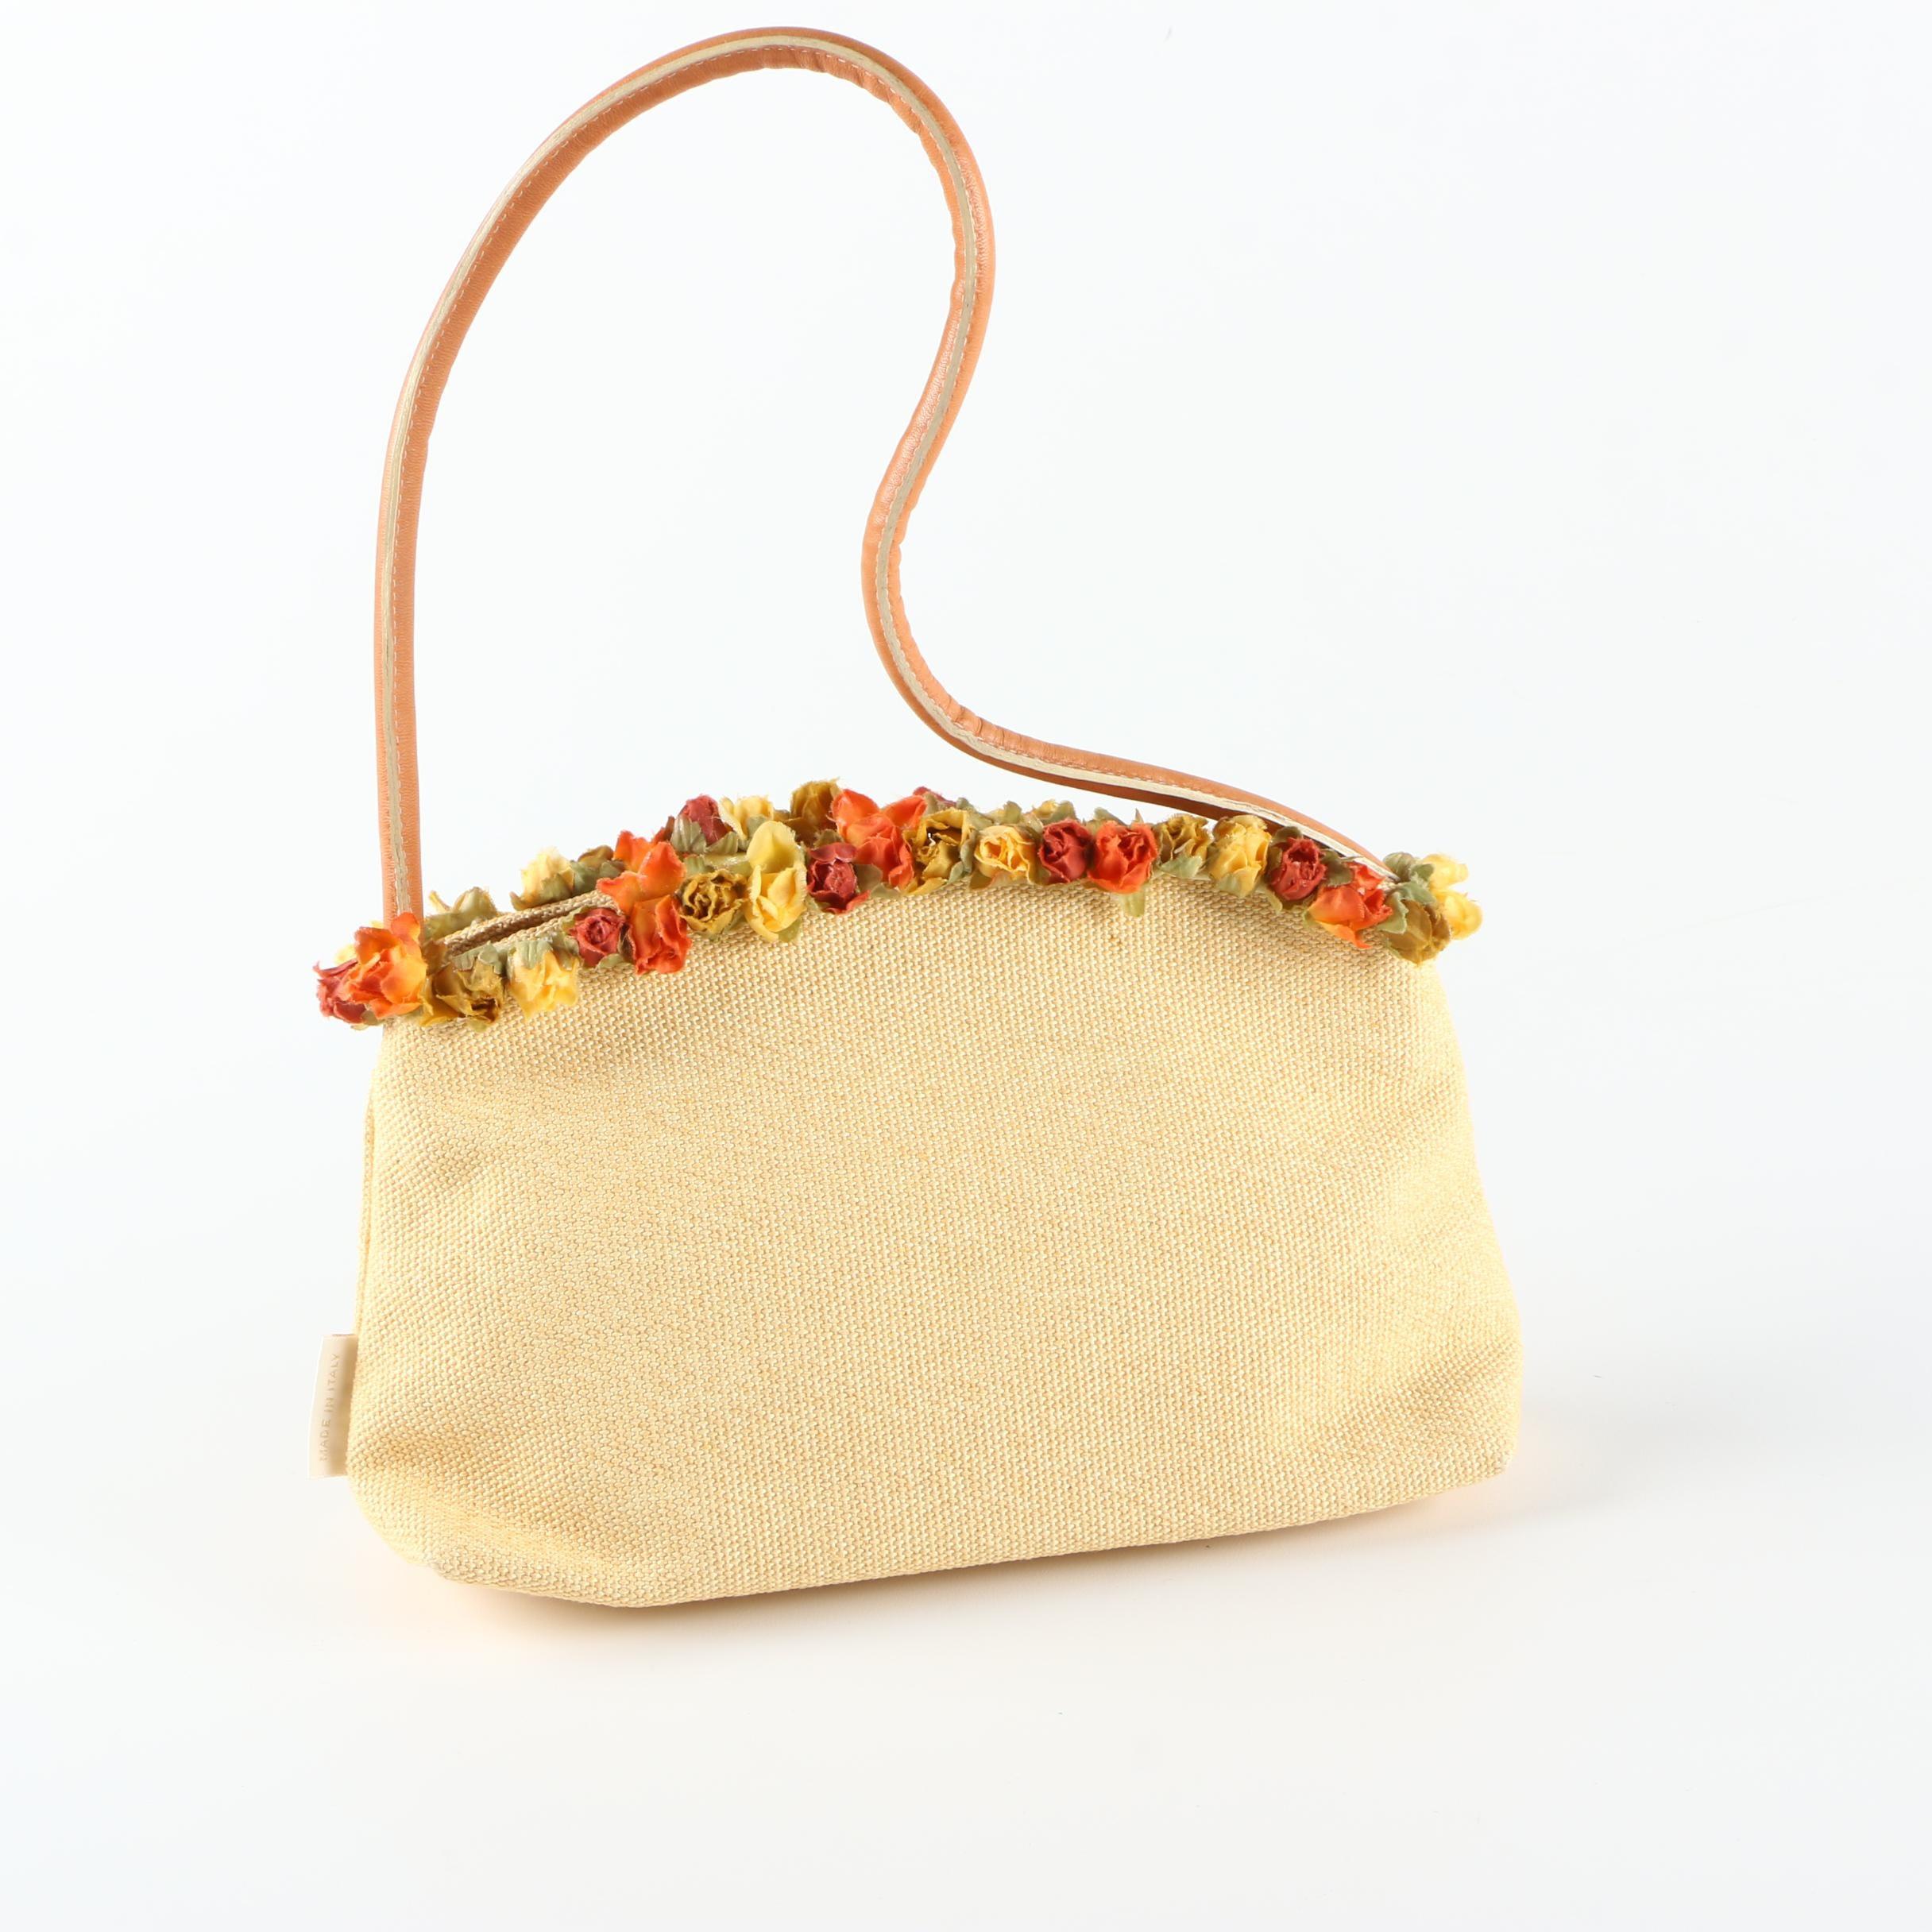 Desmo Woven Handbag